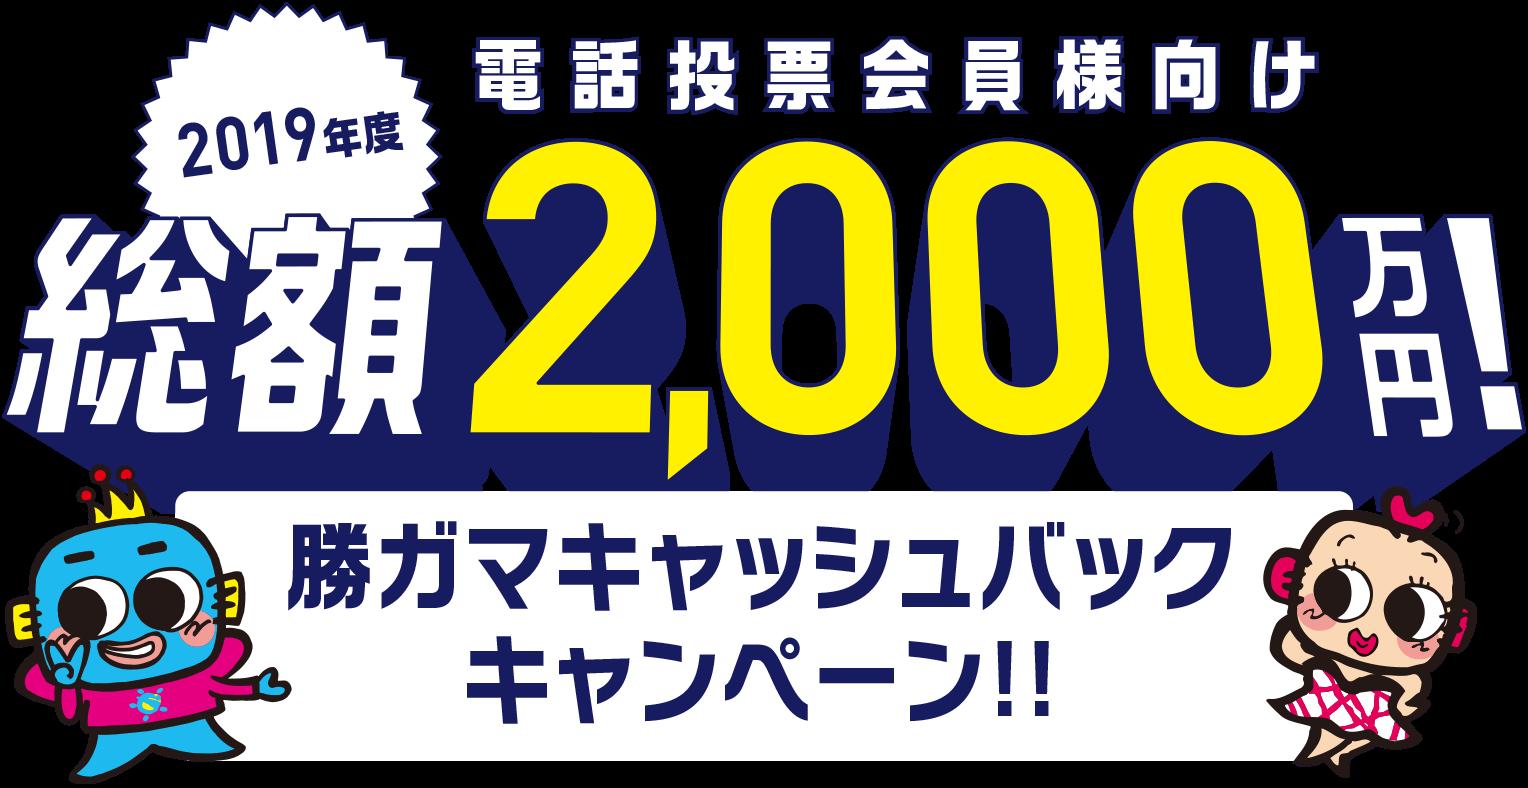 2019年度 電話投票会員様向け 総額2,000万円! 勝ガマキャッシュバックキャンペーン!!